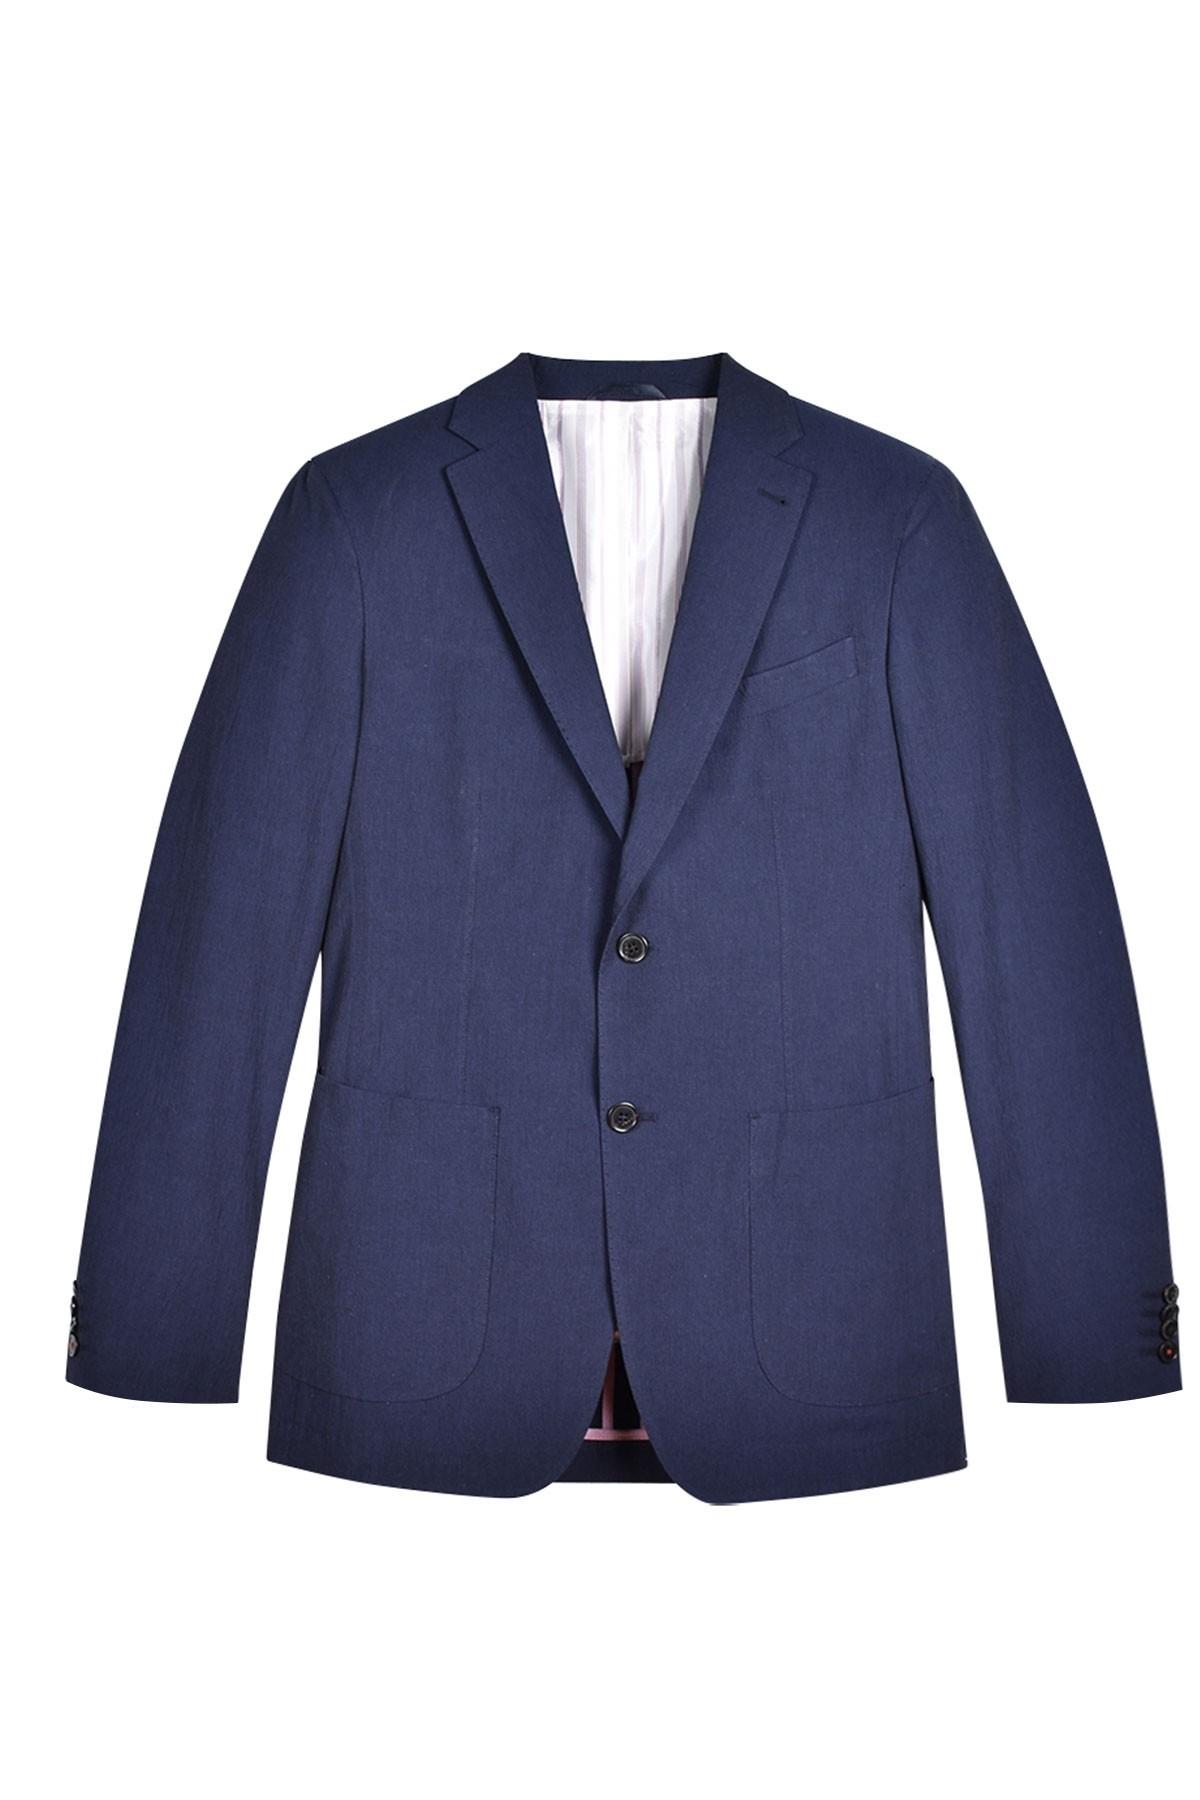 Coco Garros Bleu Marine Jaqk Costume De Seersucker Veste En q1wf4pfx